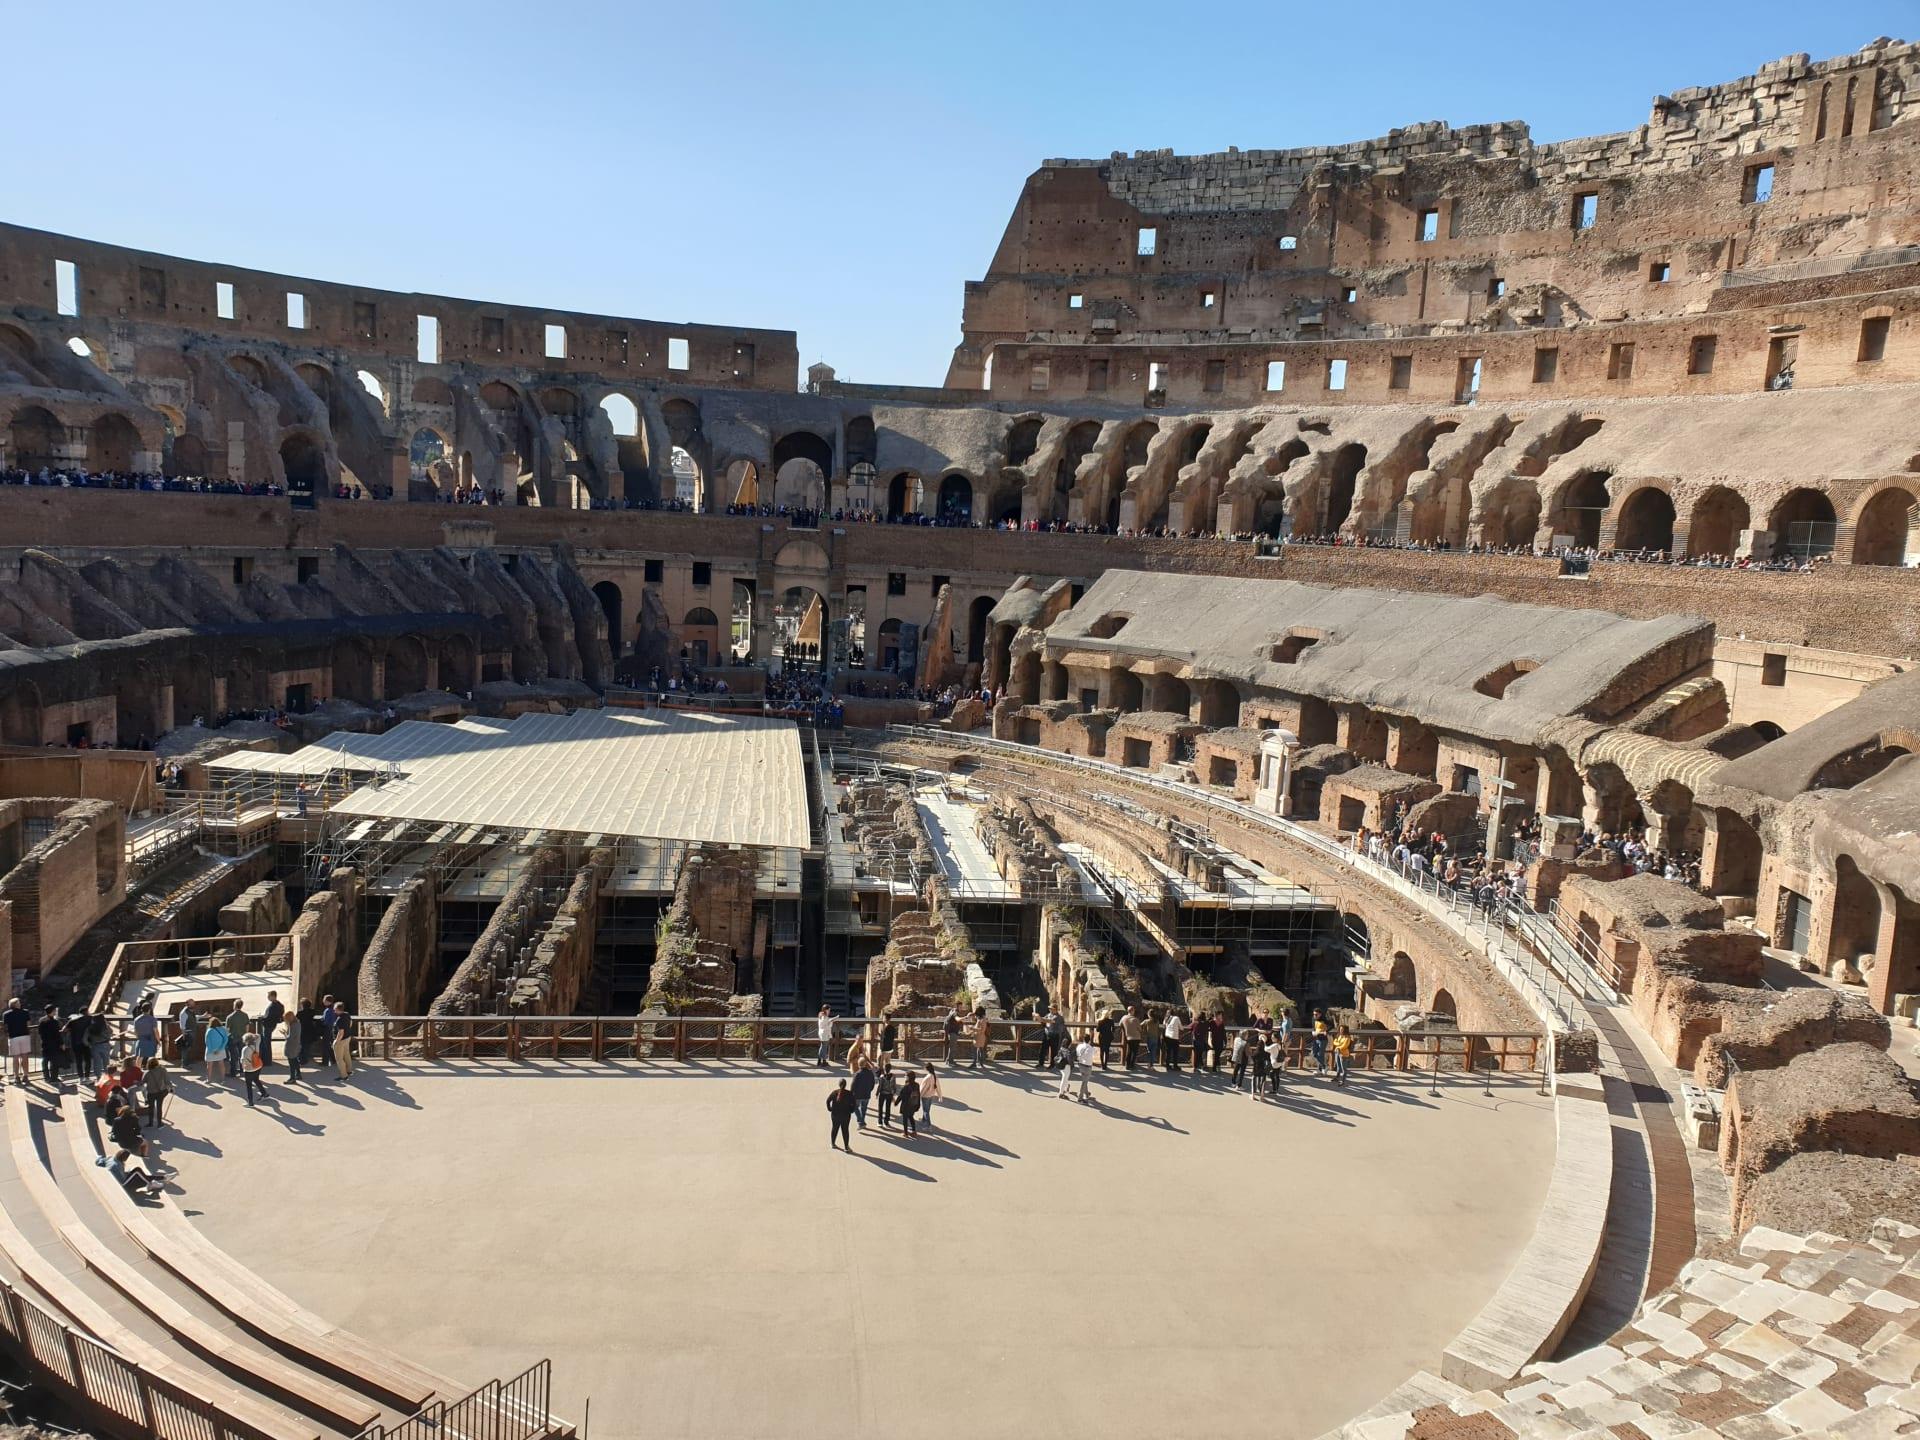 أجمل الأماكن التي يمكنك زيارتها في روما - الكولوسيوم